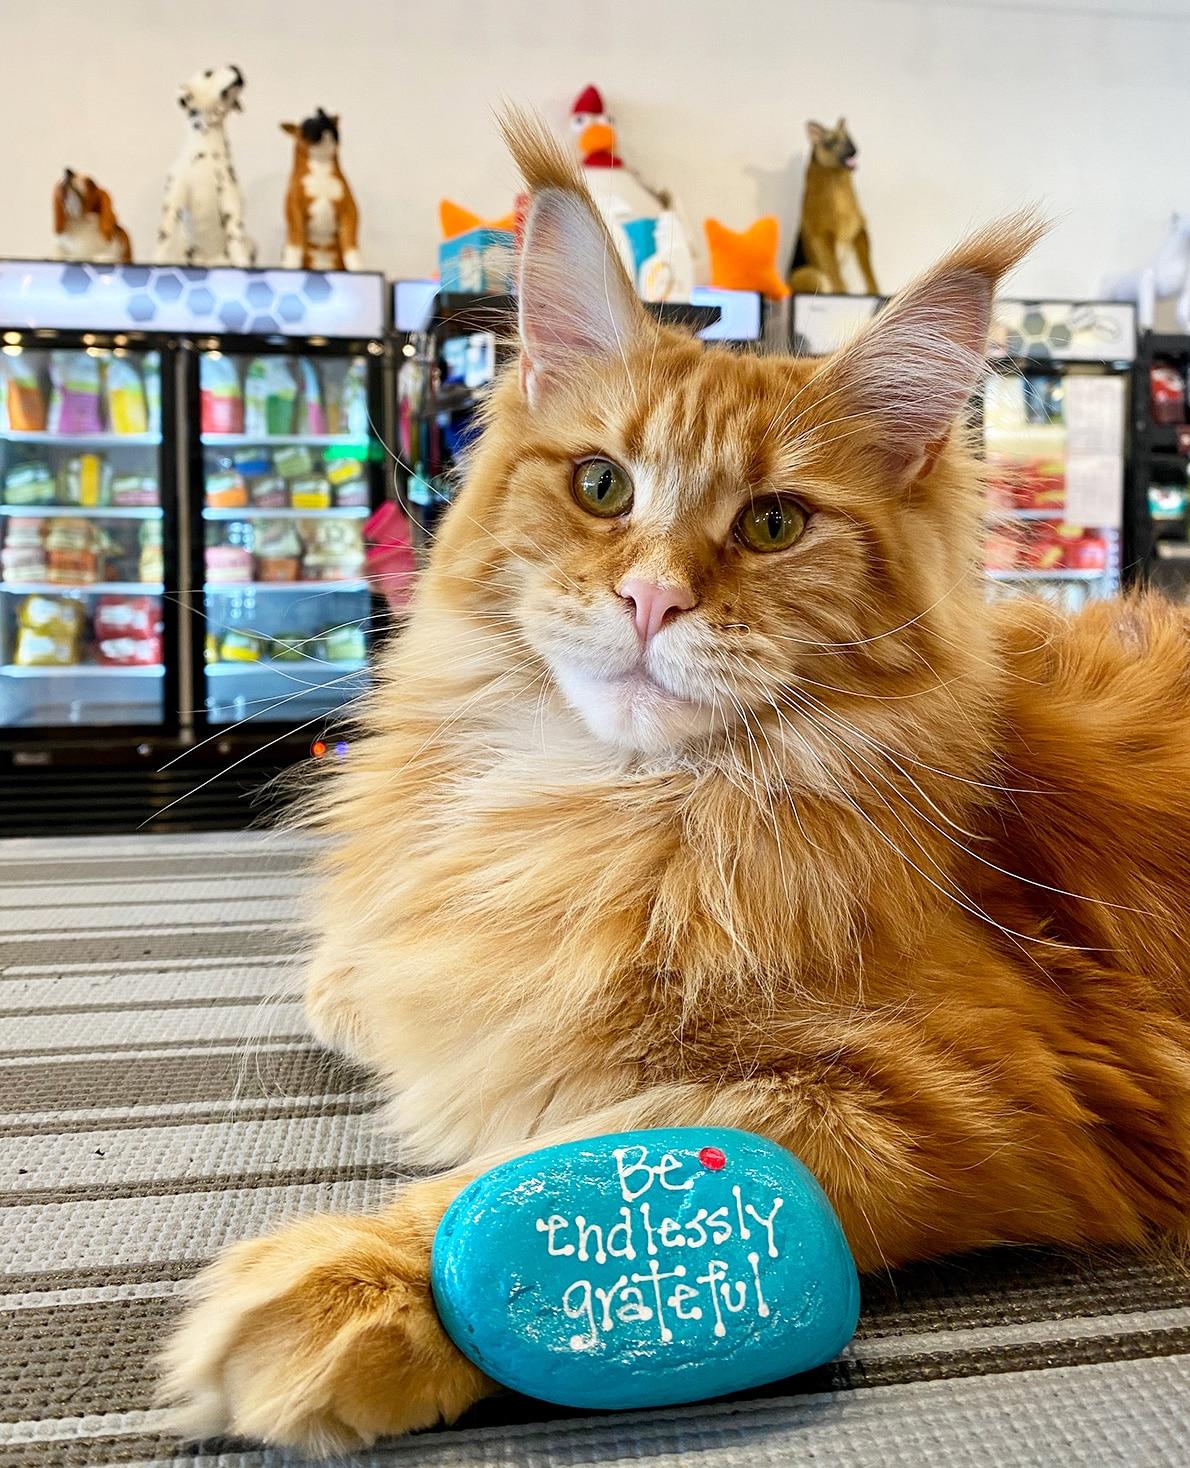 Sniffanys-Pet-Boutique cat Sunny